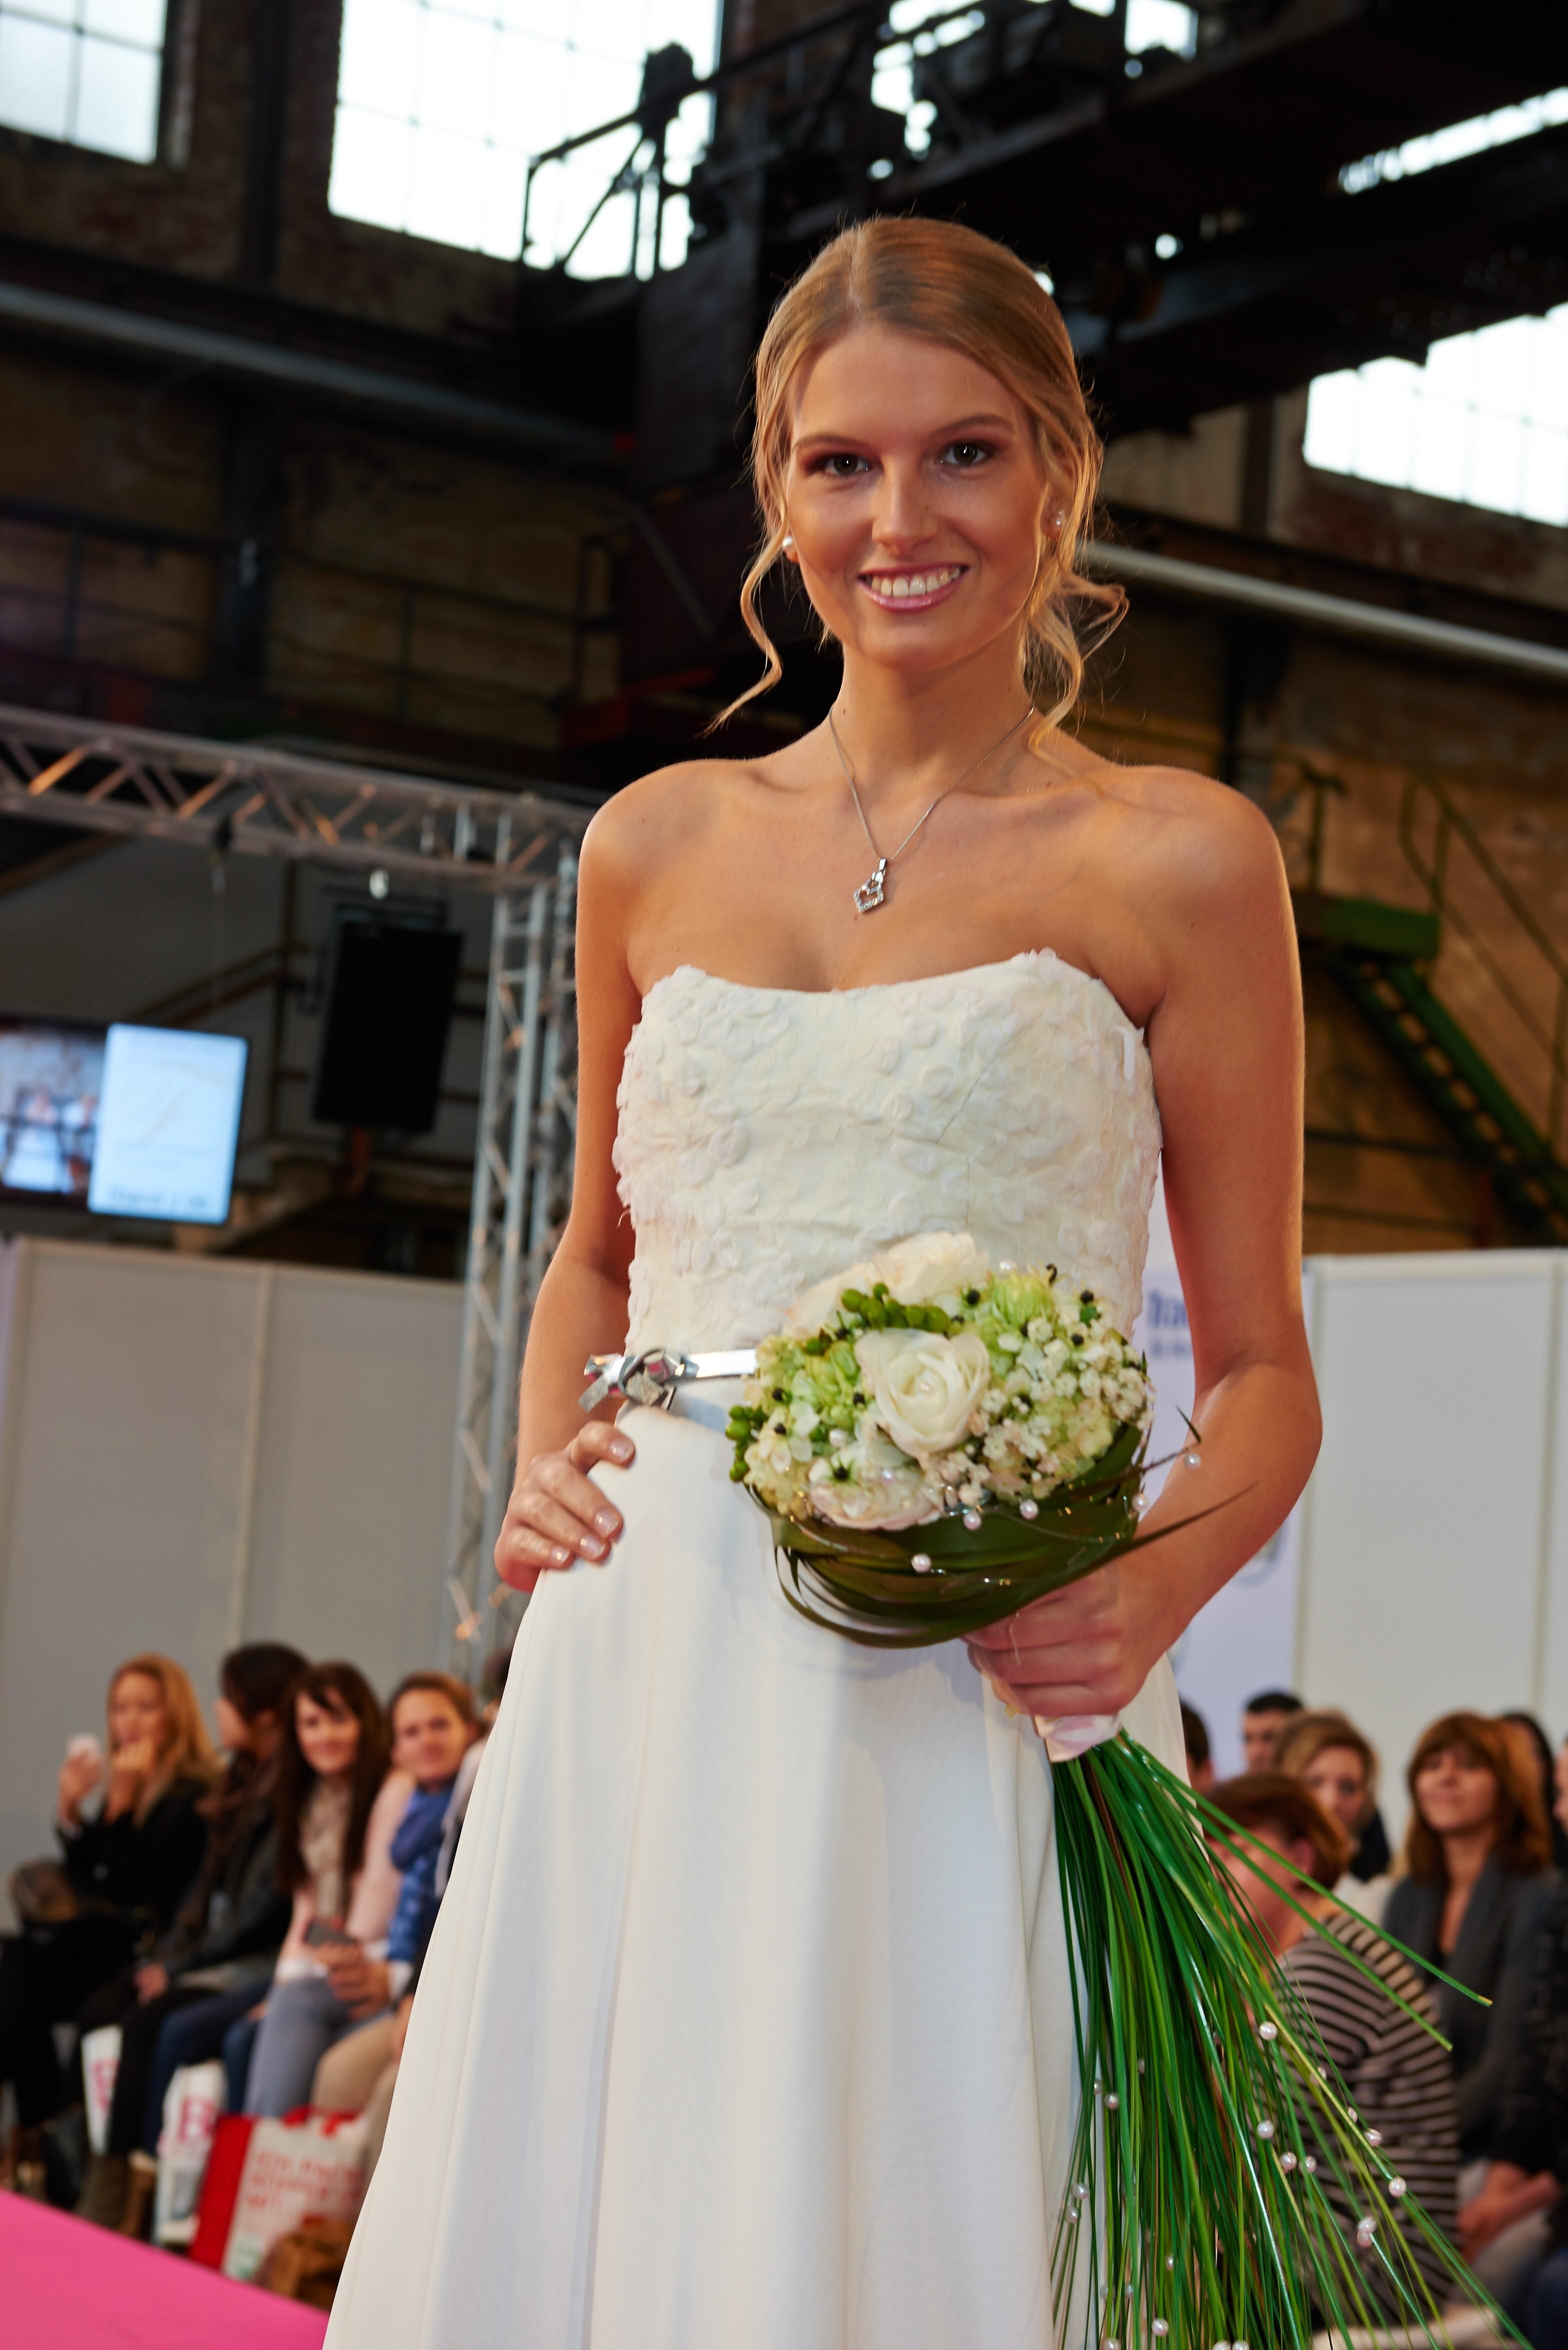 13 Ausgezeichnet Brautkleid Kaufen Boutique Schön Brautkleid Kaufen Vertrieb